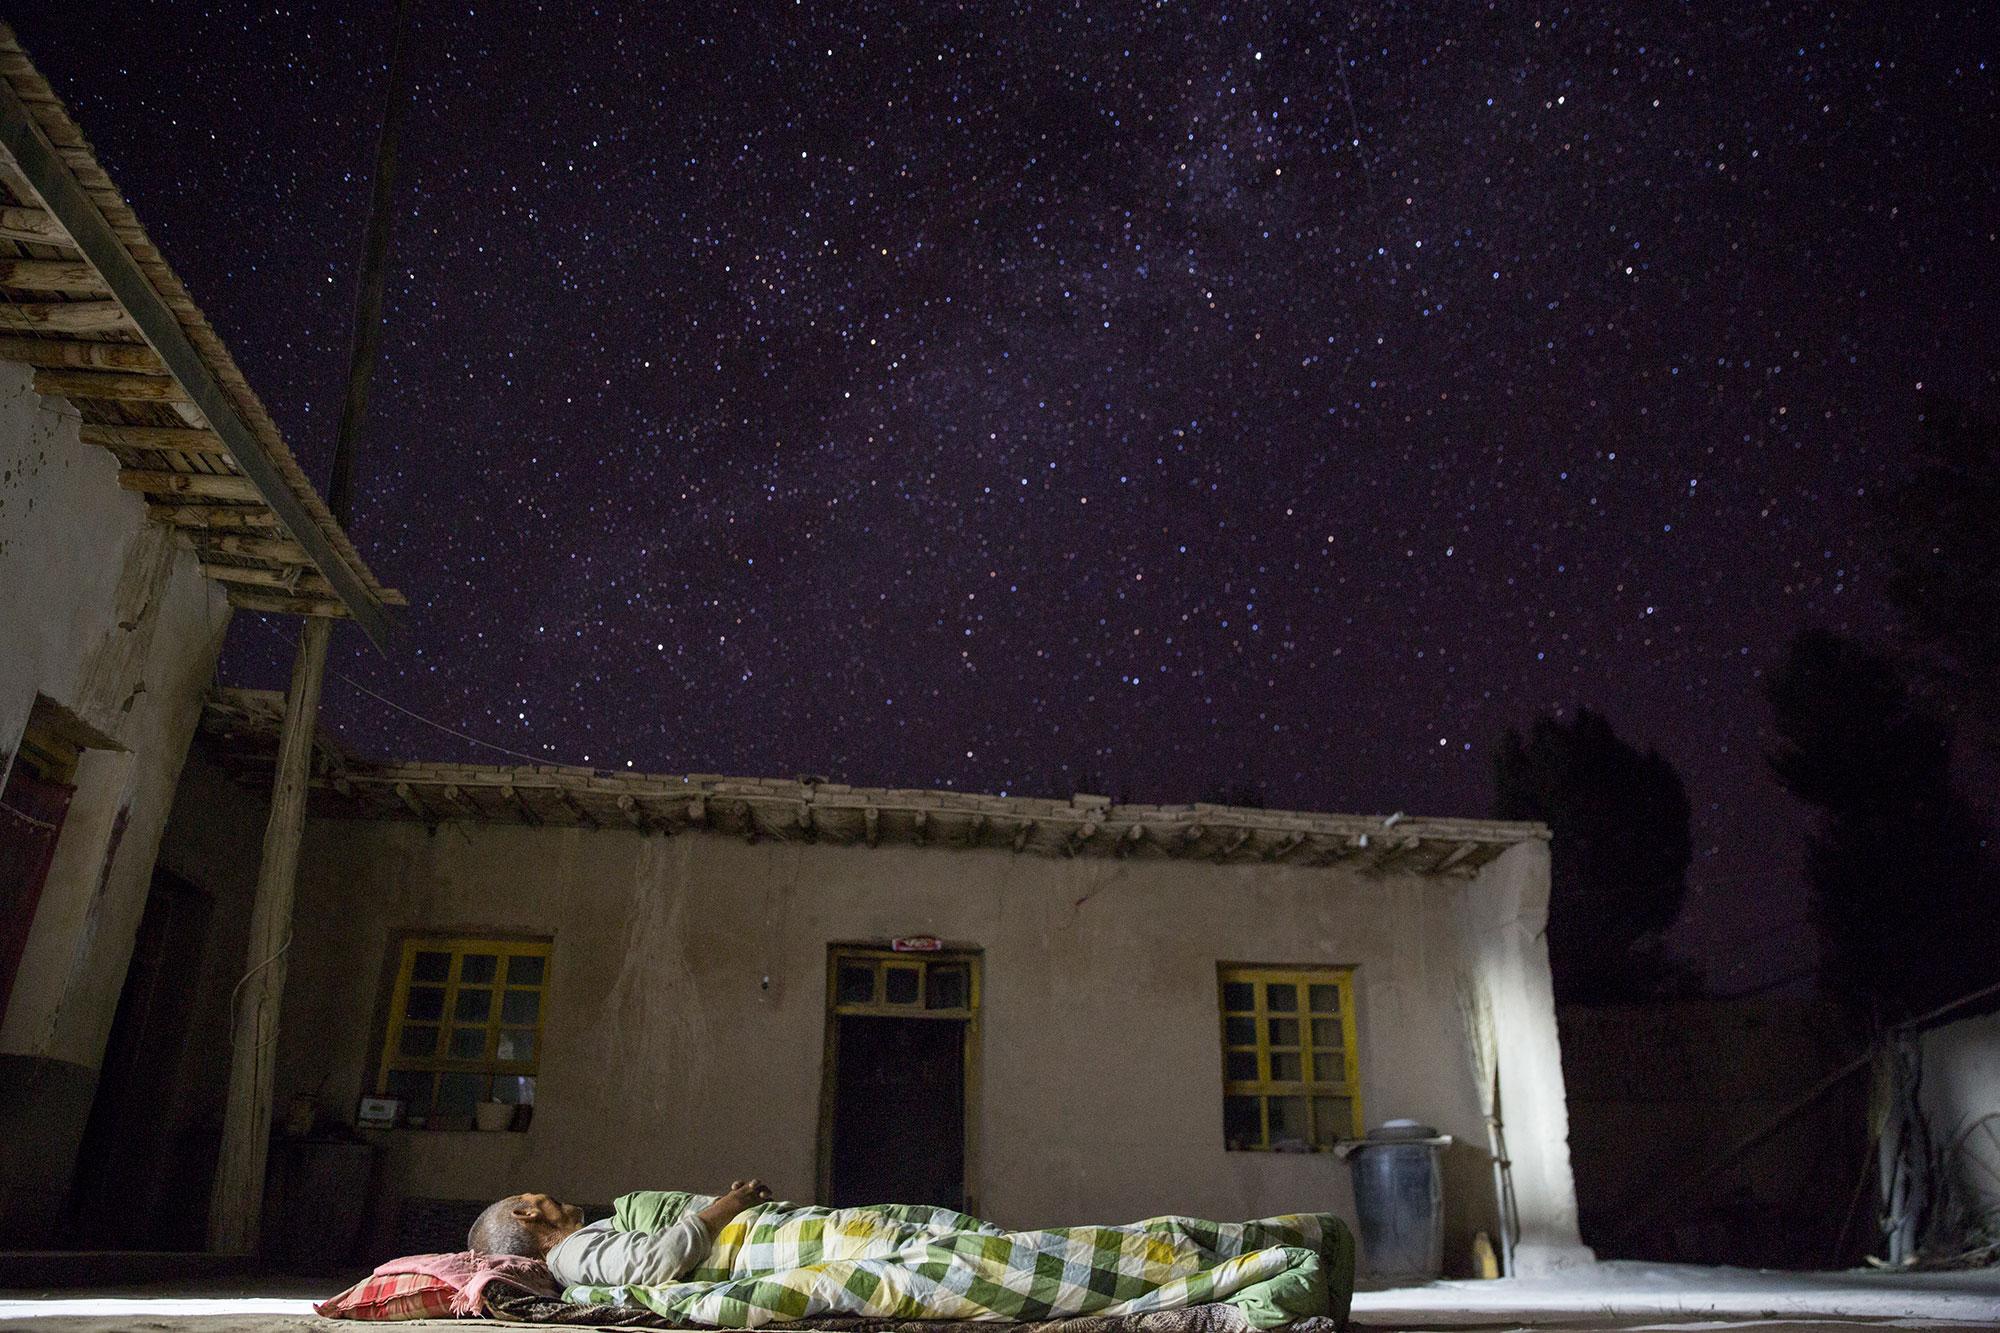 贫穷与富有。甘肃民勤,低保户李红善睡在自家简陋的院子里,仰面是浩瀚的星空。